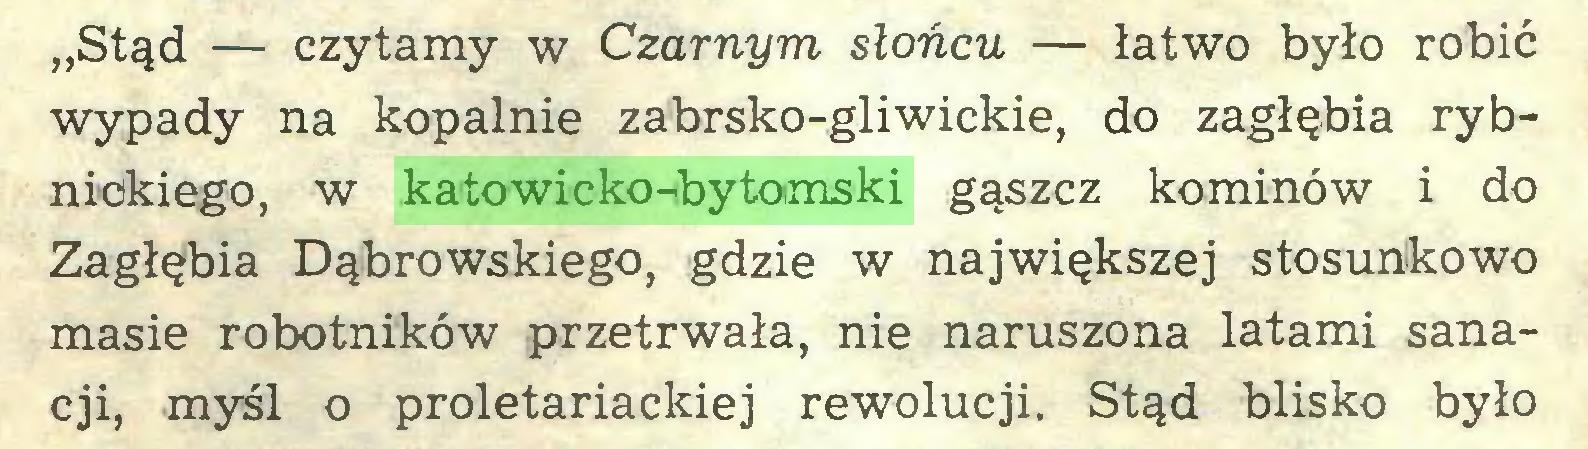 """(...) """"Stąd — czytamy w Czarnym słońcu — łatwo było robić wypady na kopalnie zabrsko-gliwickie, do zagłębia rybnickiego, w katowicko-bytomski gąszcz kominów i do Zagłębia Dąbrowskiego, gdzie w największej stosunkowo masie robotników przetrwała, nie naruszona latami sanacji, myśl o proletariackiej rewolucji. Stąd blisko było..."""